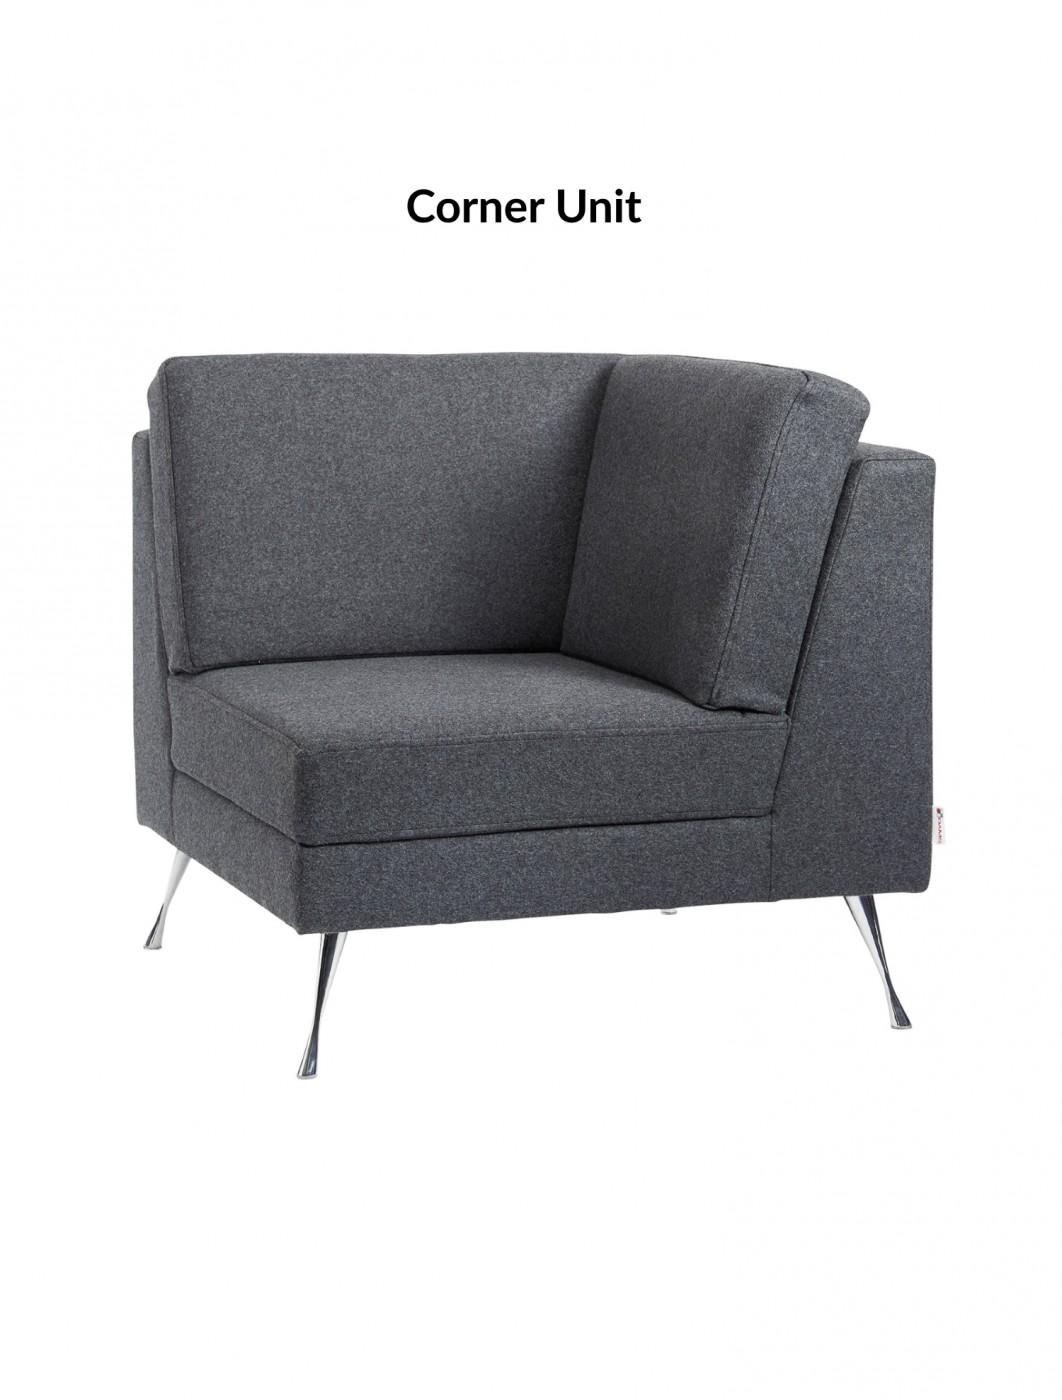 Reception Seating   Dams Lyric Modular Reception Corner Sofa Set LYRSET    Enlarged View